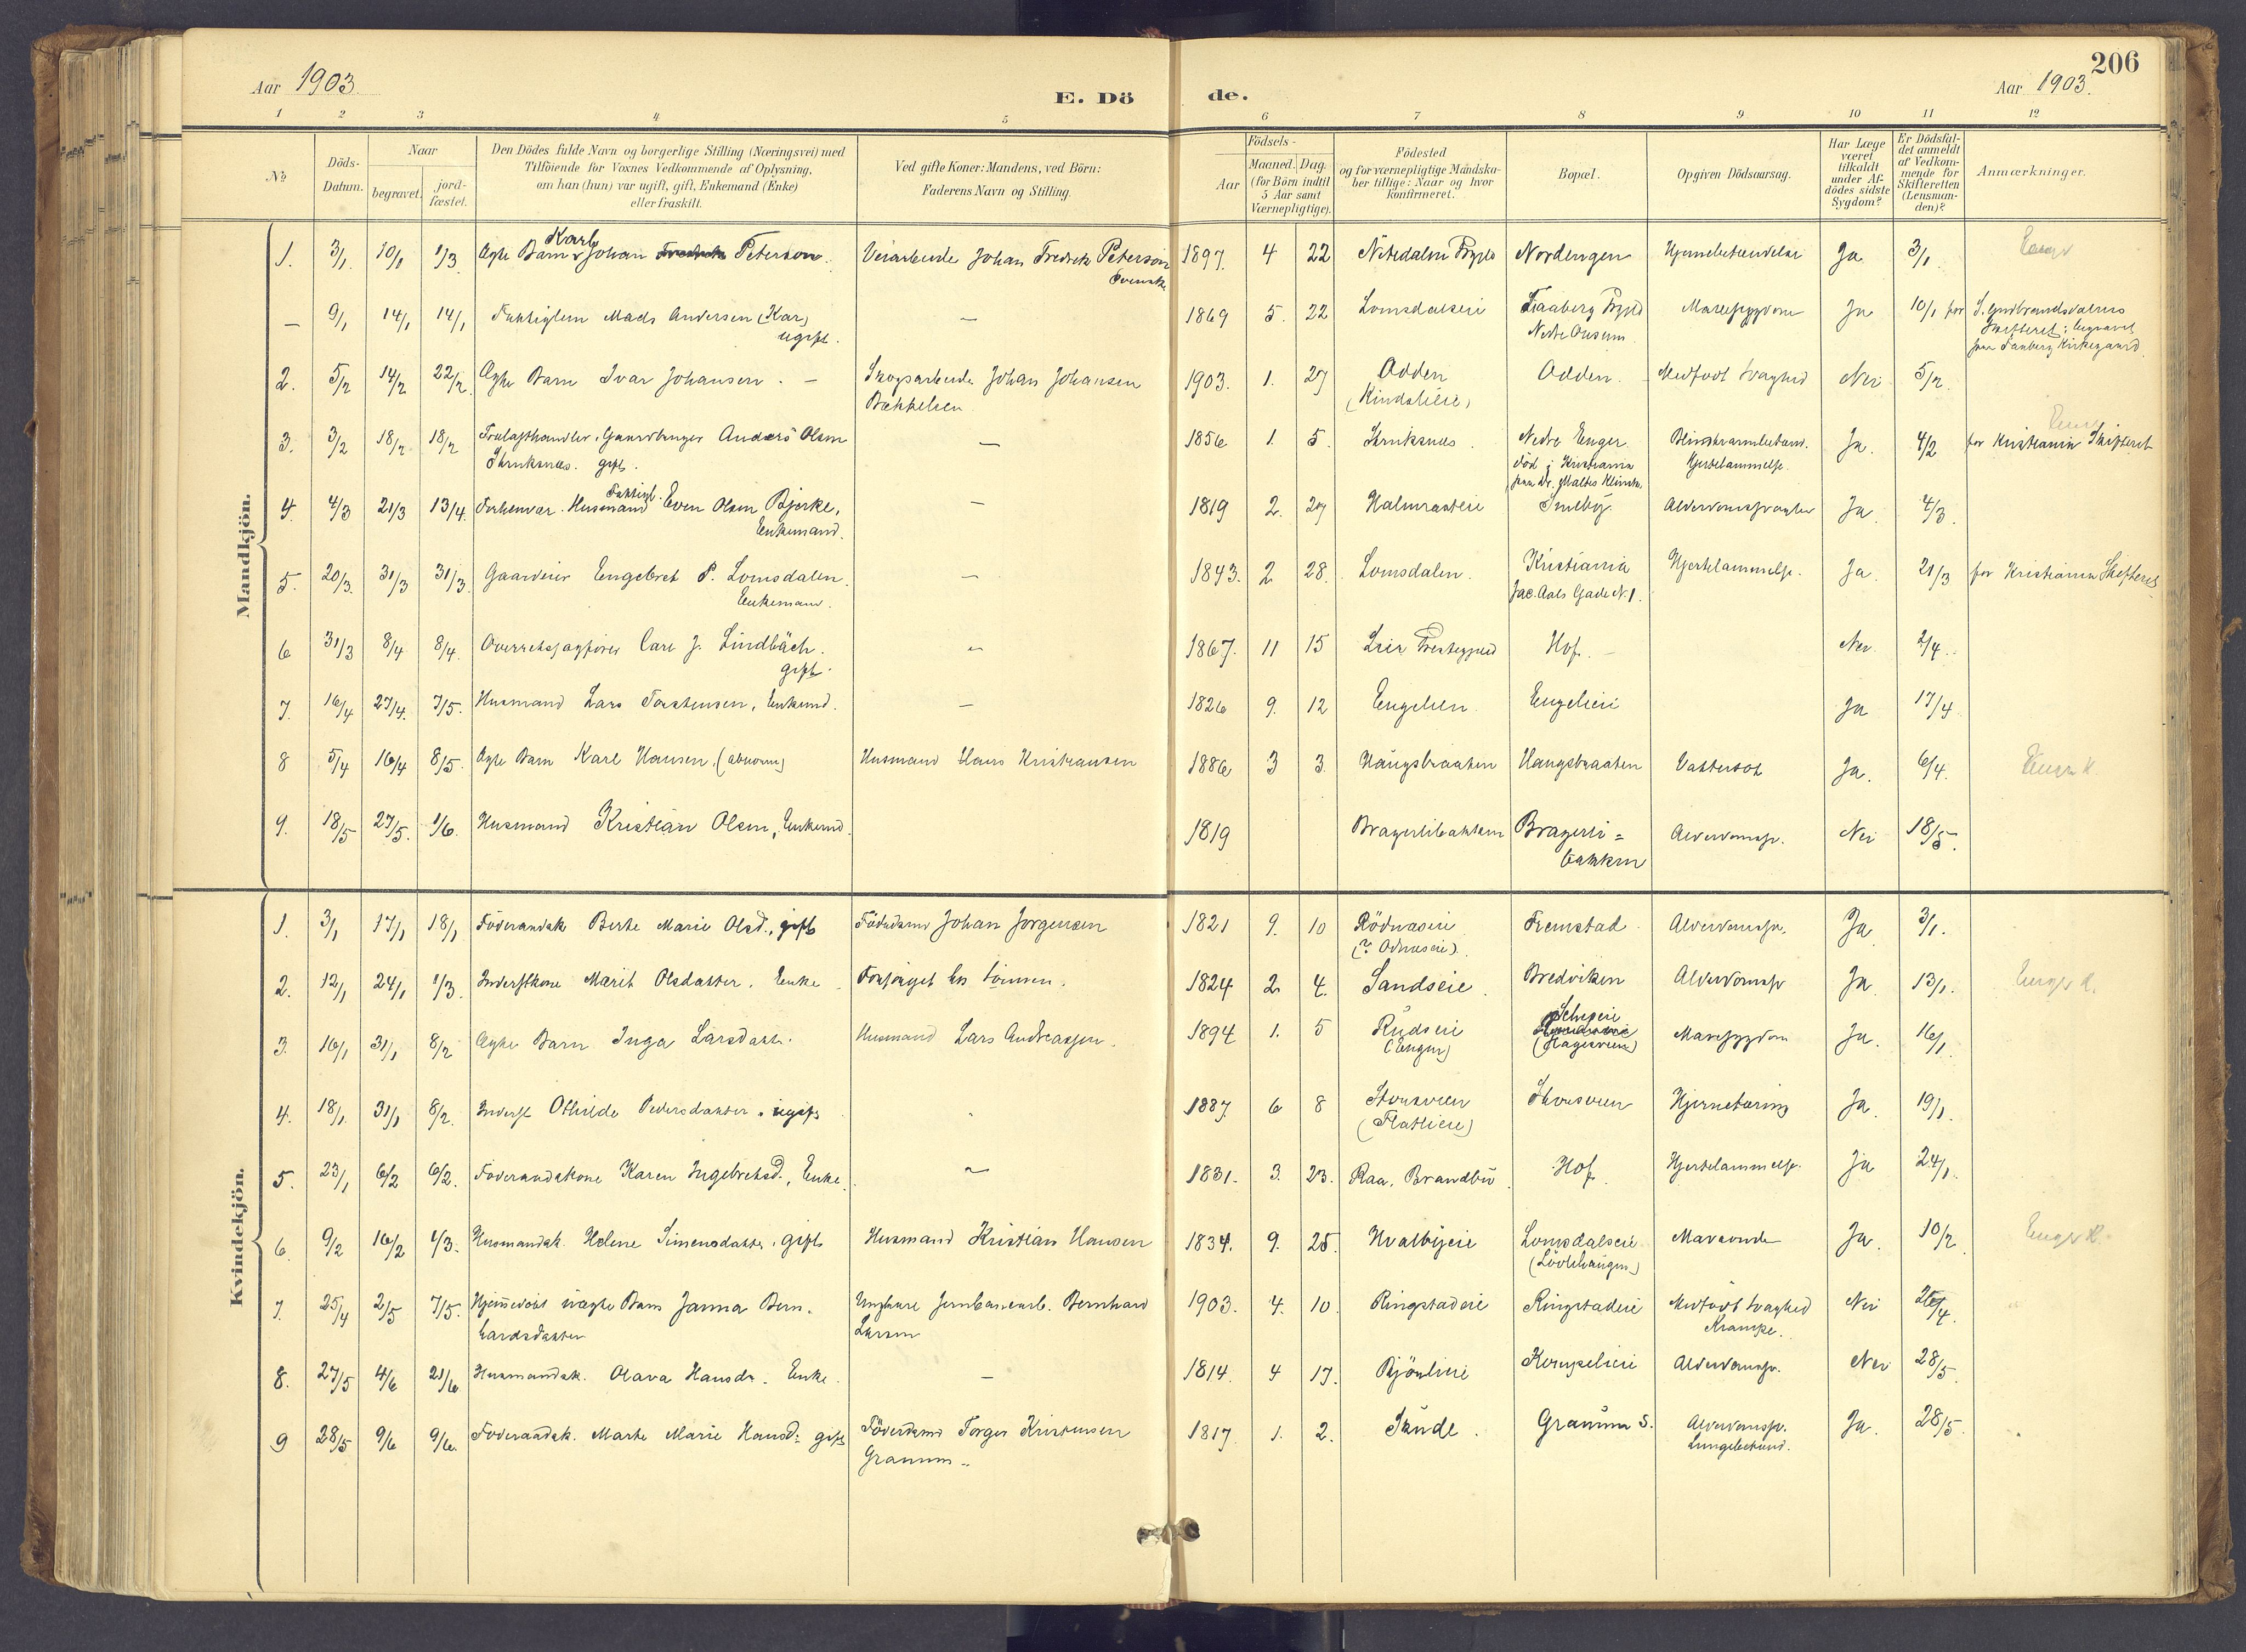 SAH, Søndre Land prestekontor, K/L0006: Ministerialbok nr. 6, 1895-1904, s. 206